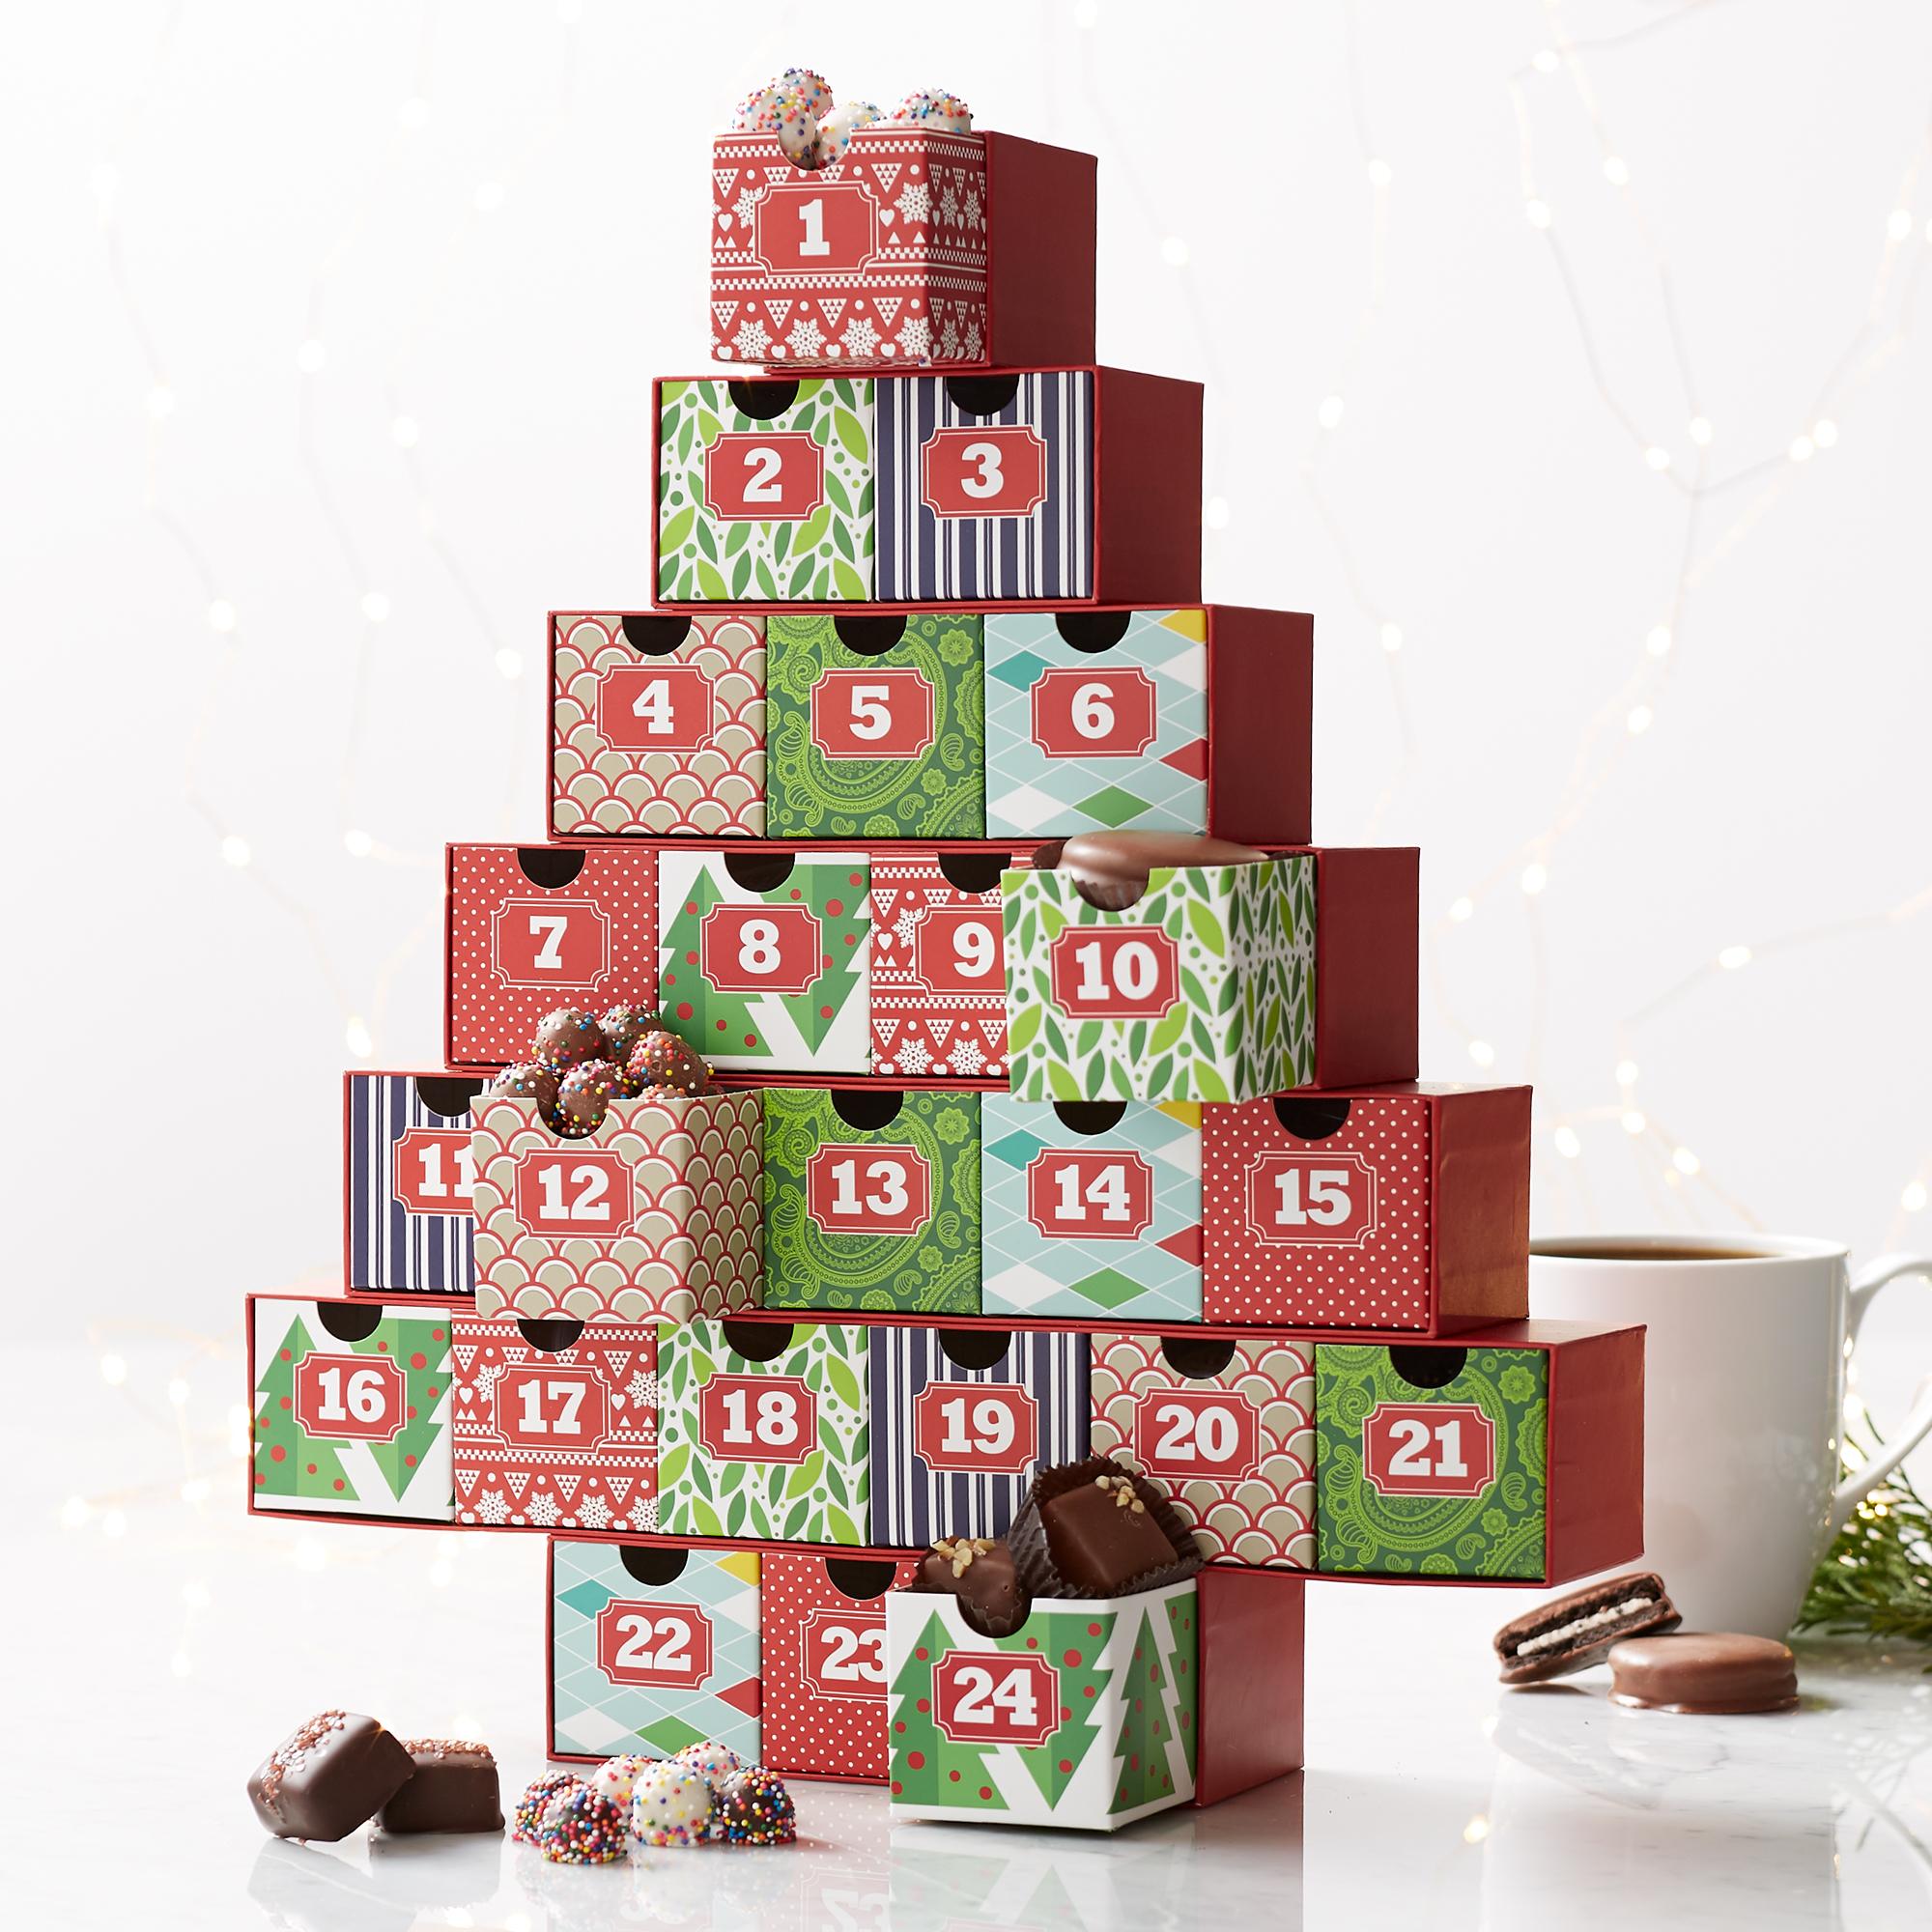 Hickory Farms Christmas Advent Calendar